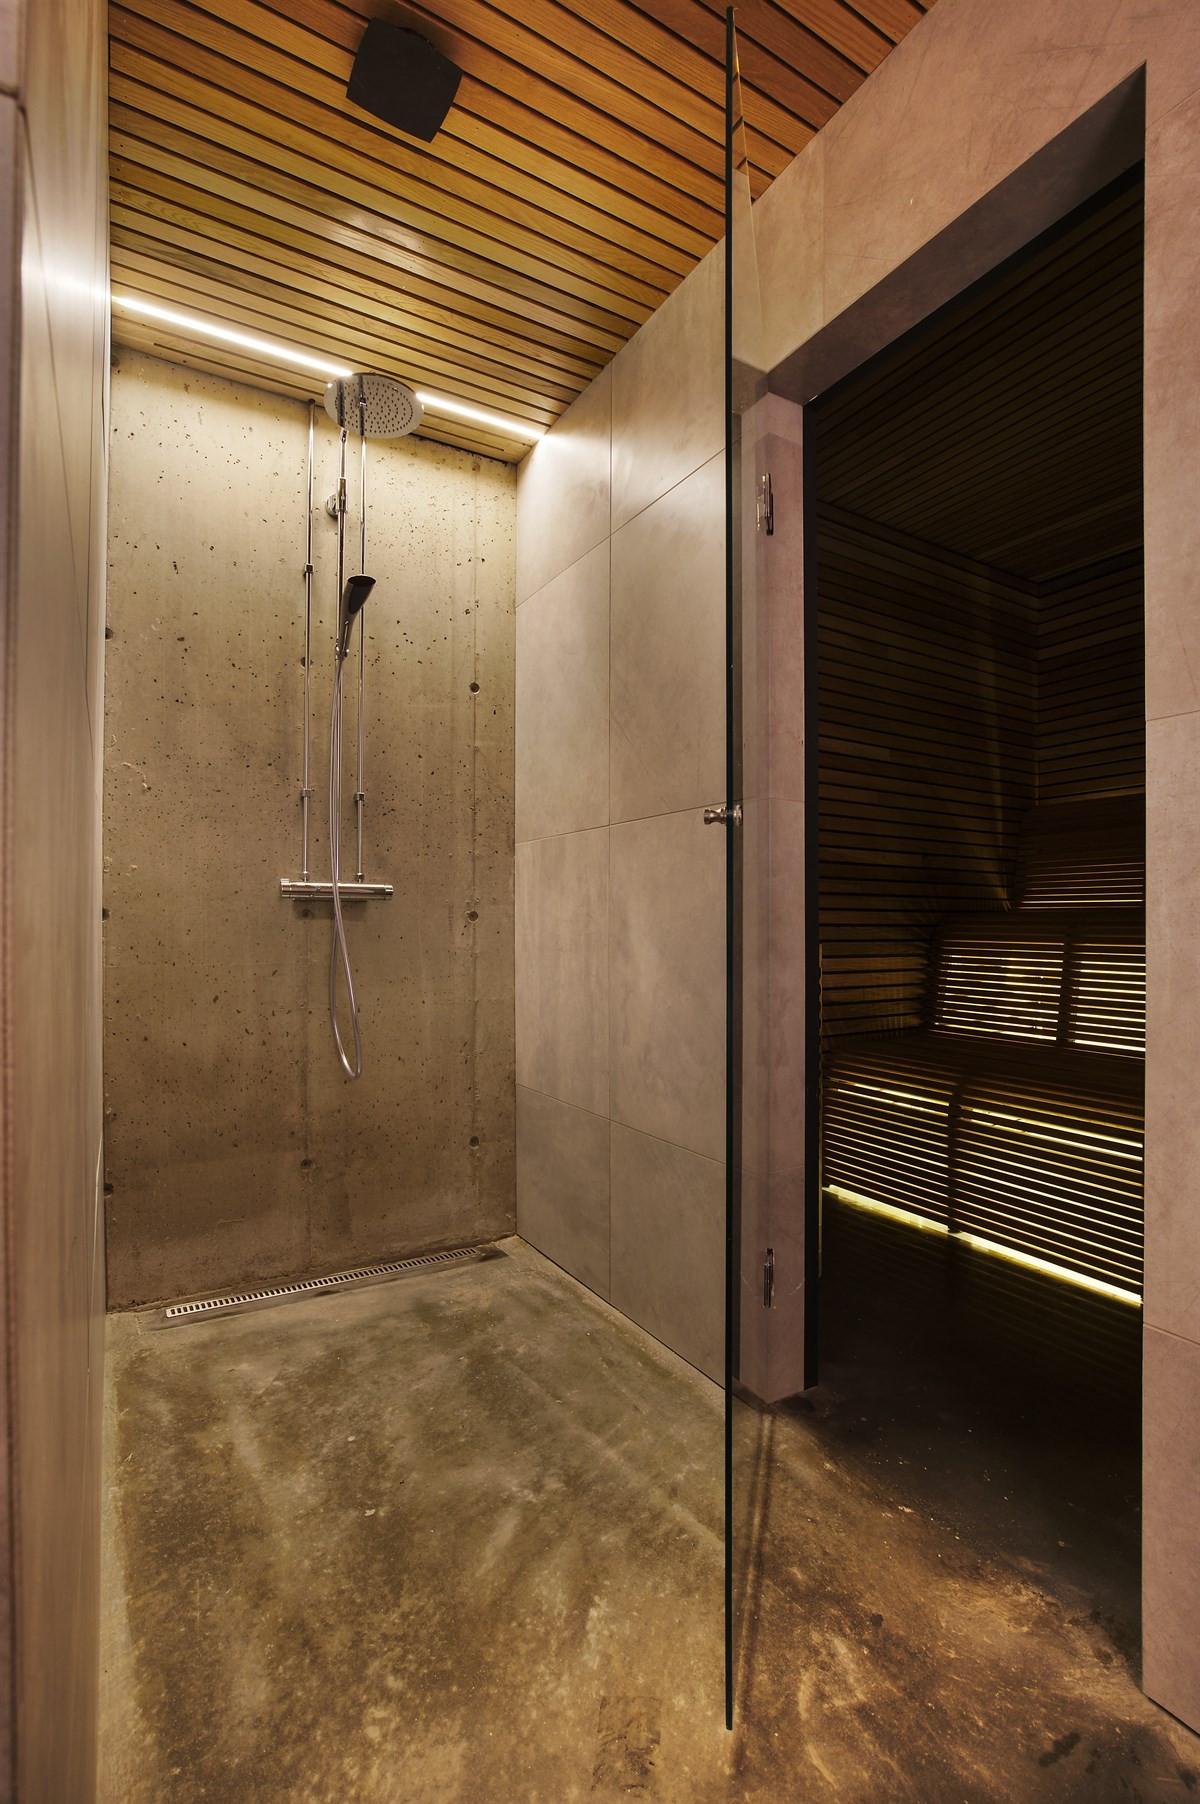 Dusjrom i underetasjen med gulv i polert betong, vegger i betong og fliser